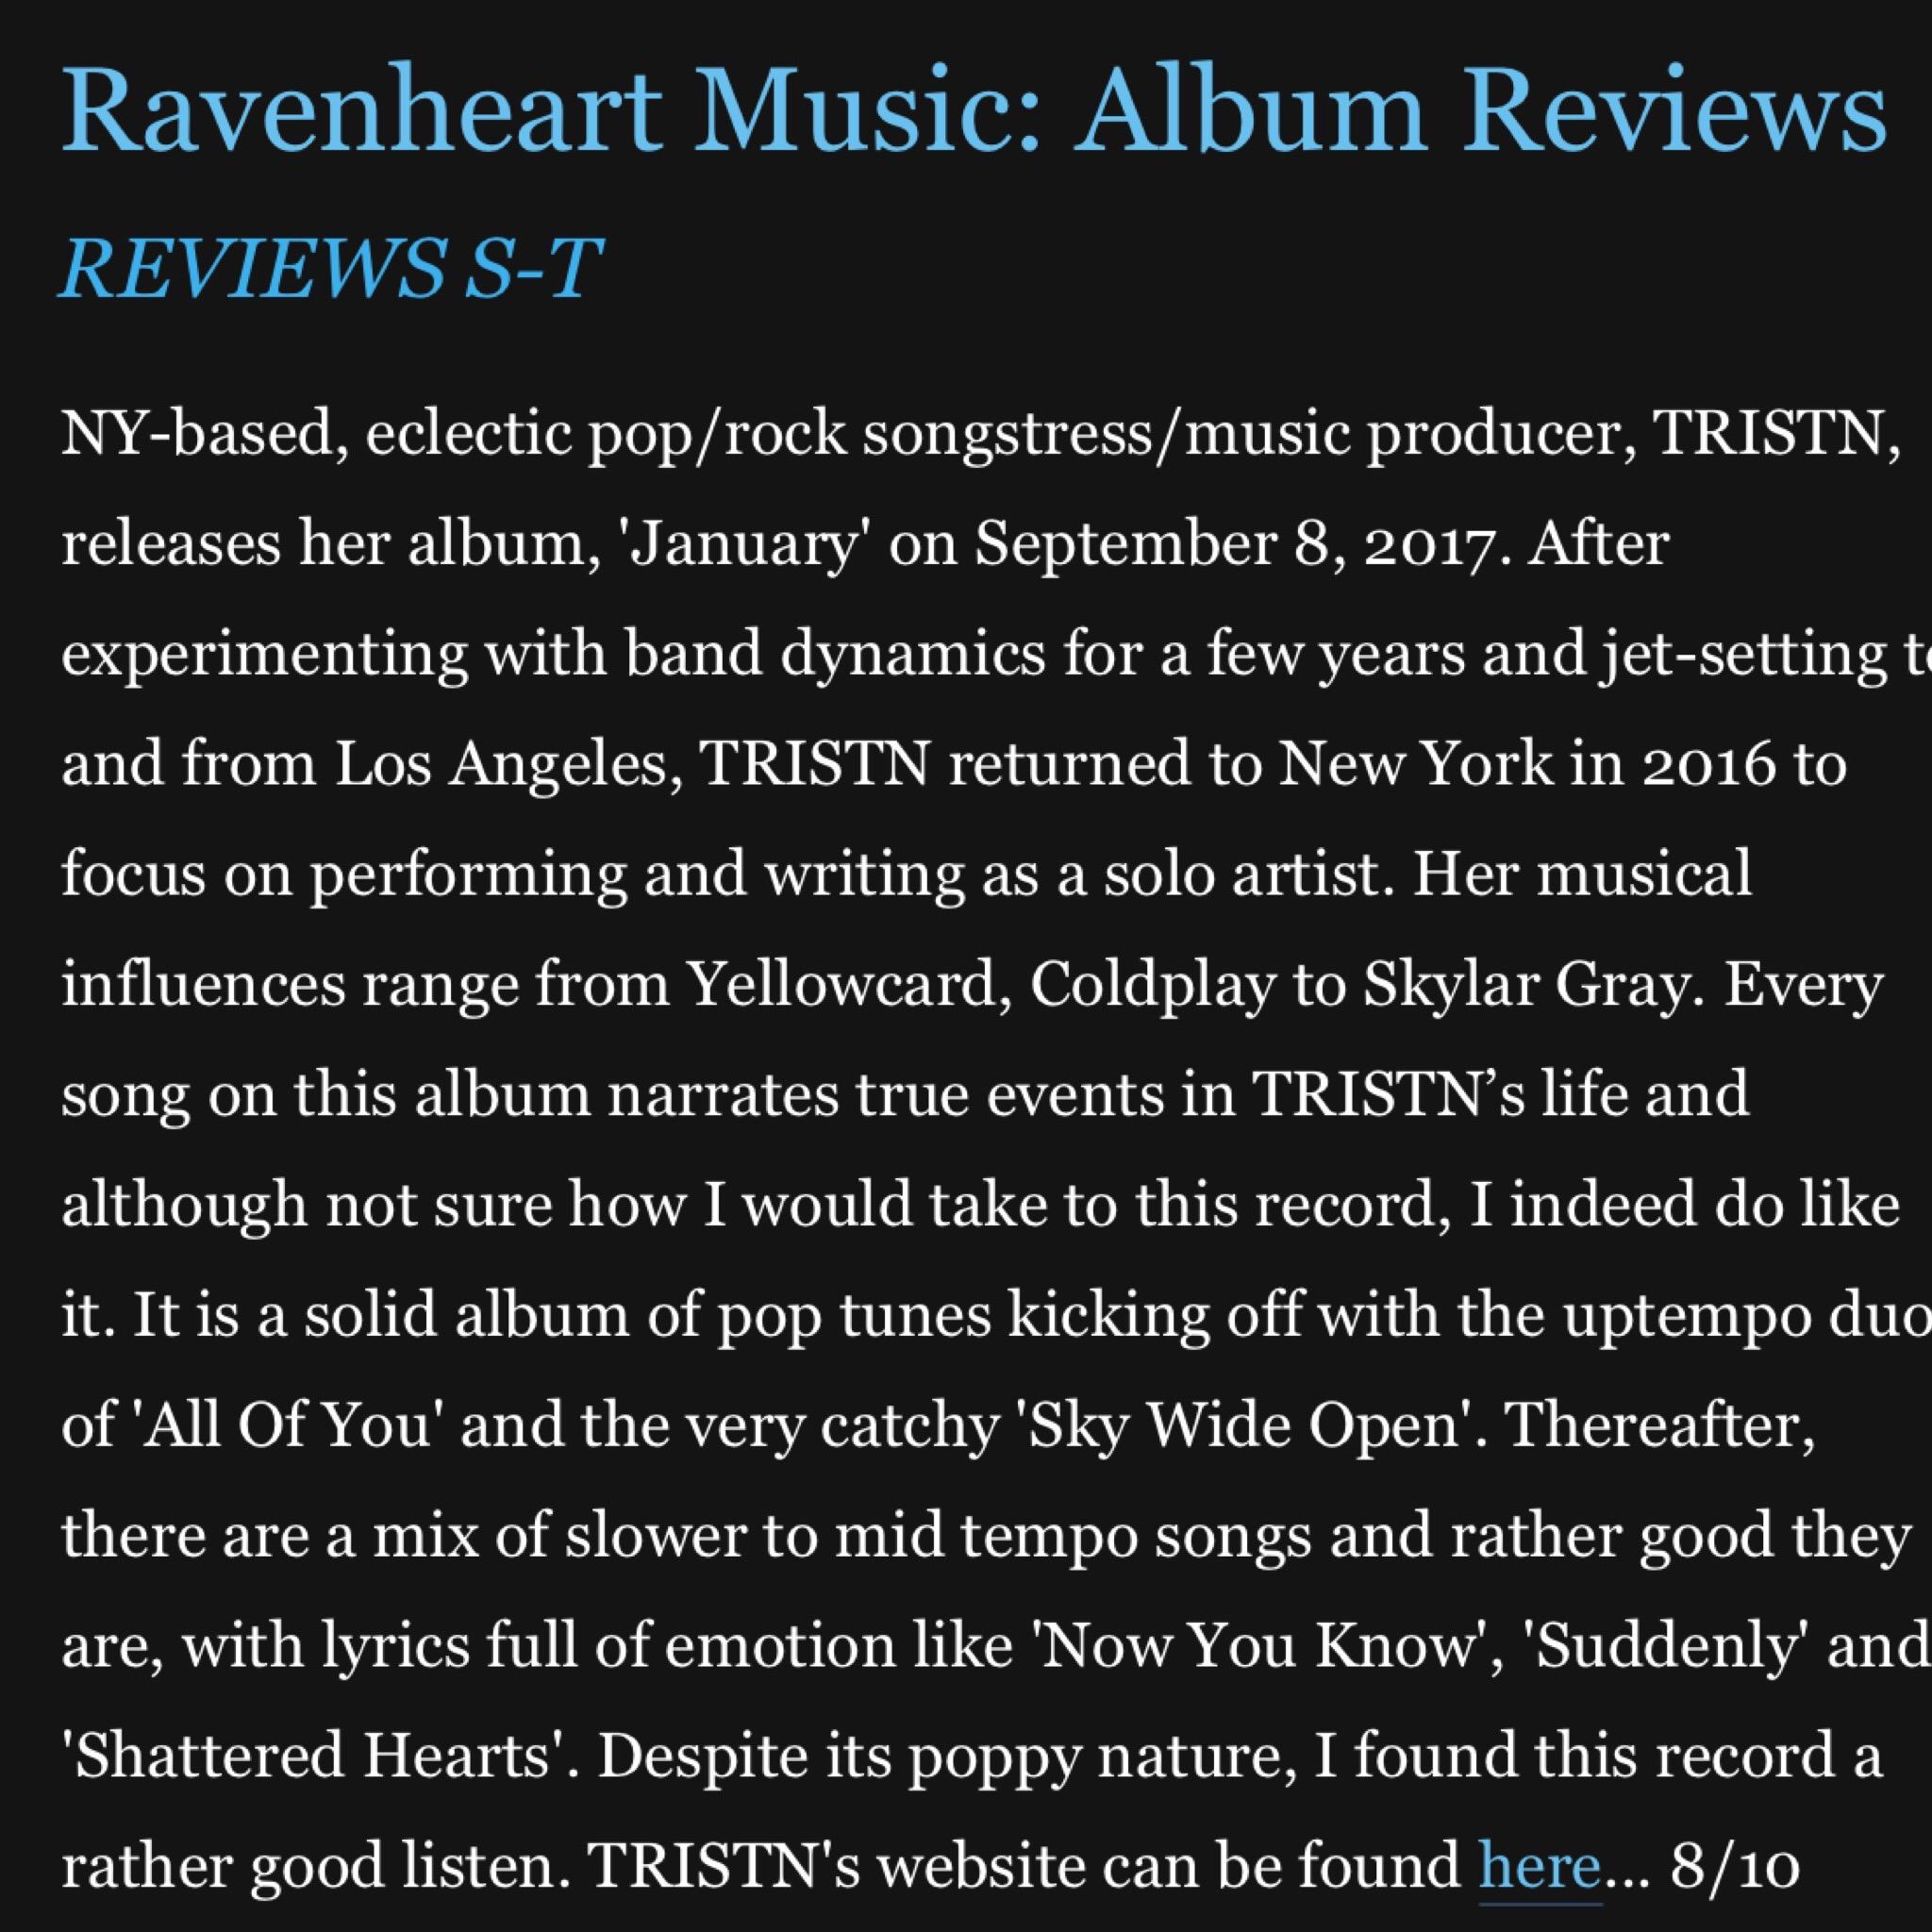 RAVENHEART MUSIC -